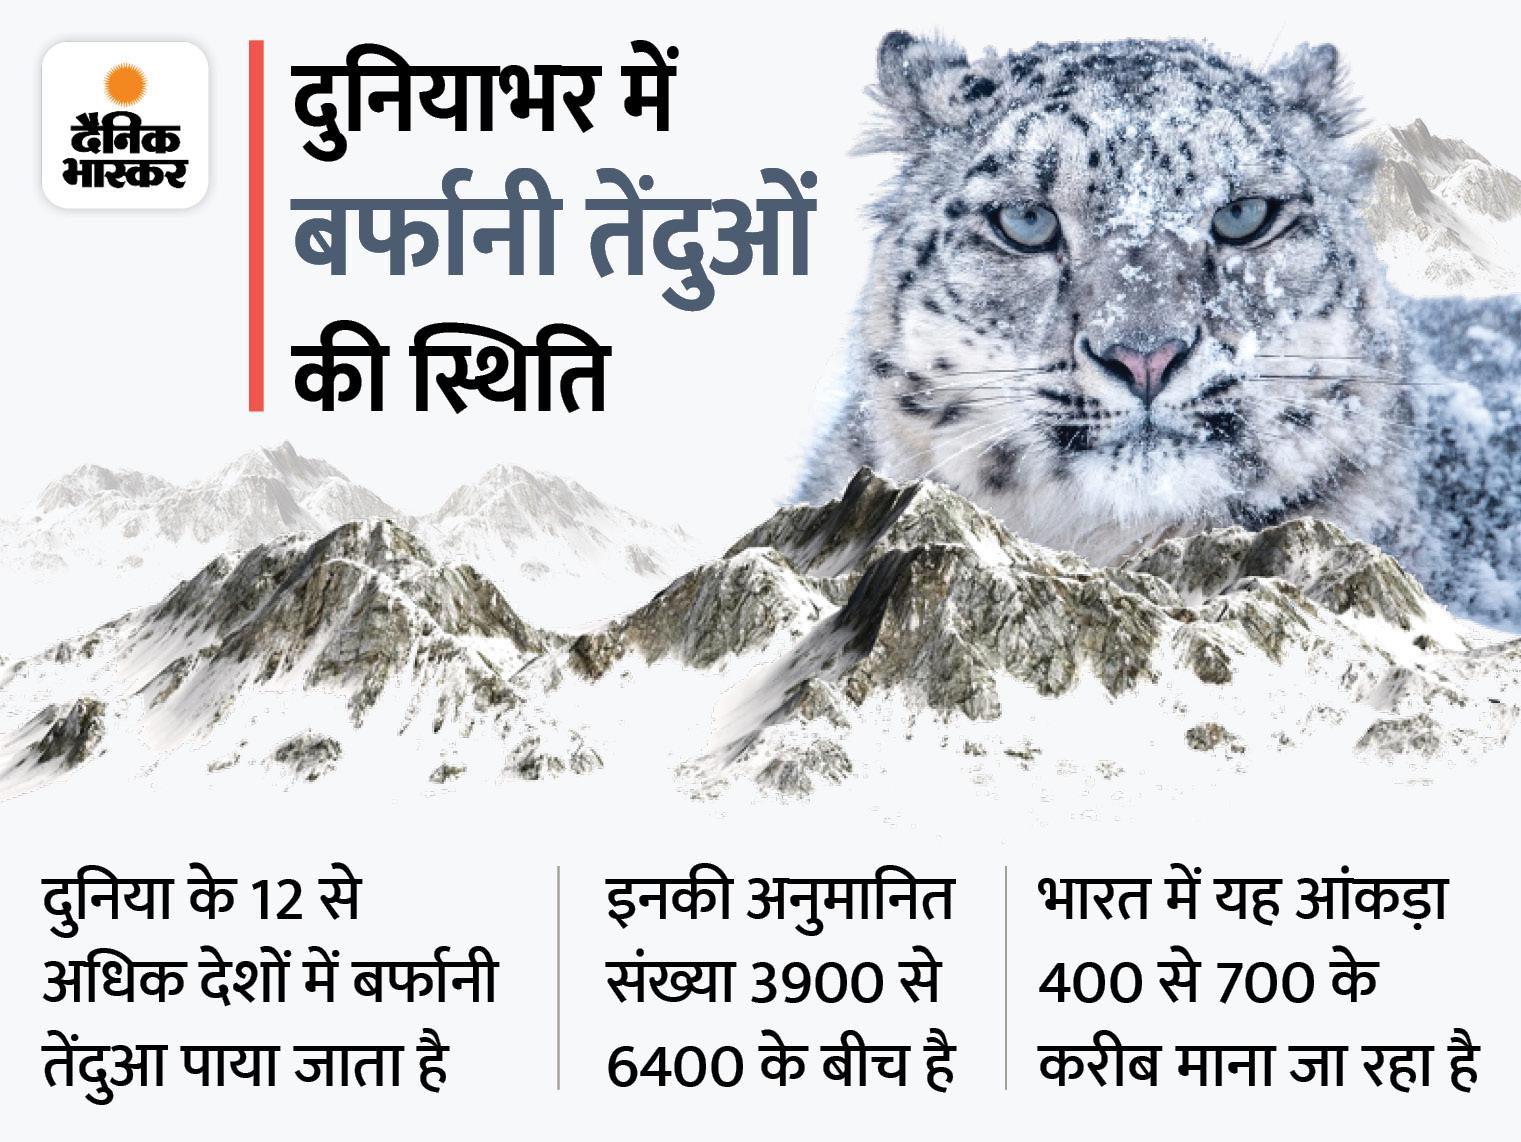 राज्य में अब तक के अध्ययन में मिले 73 हिम तेंदुए, 10 बफीर्ली जगहों पर ट्रैप कैमरों में दिए दिखाई|शिमला,Shimla - Dainik Bhaskar